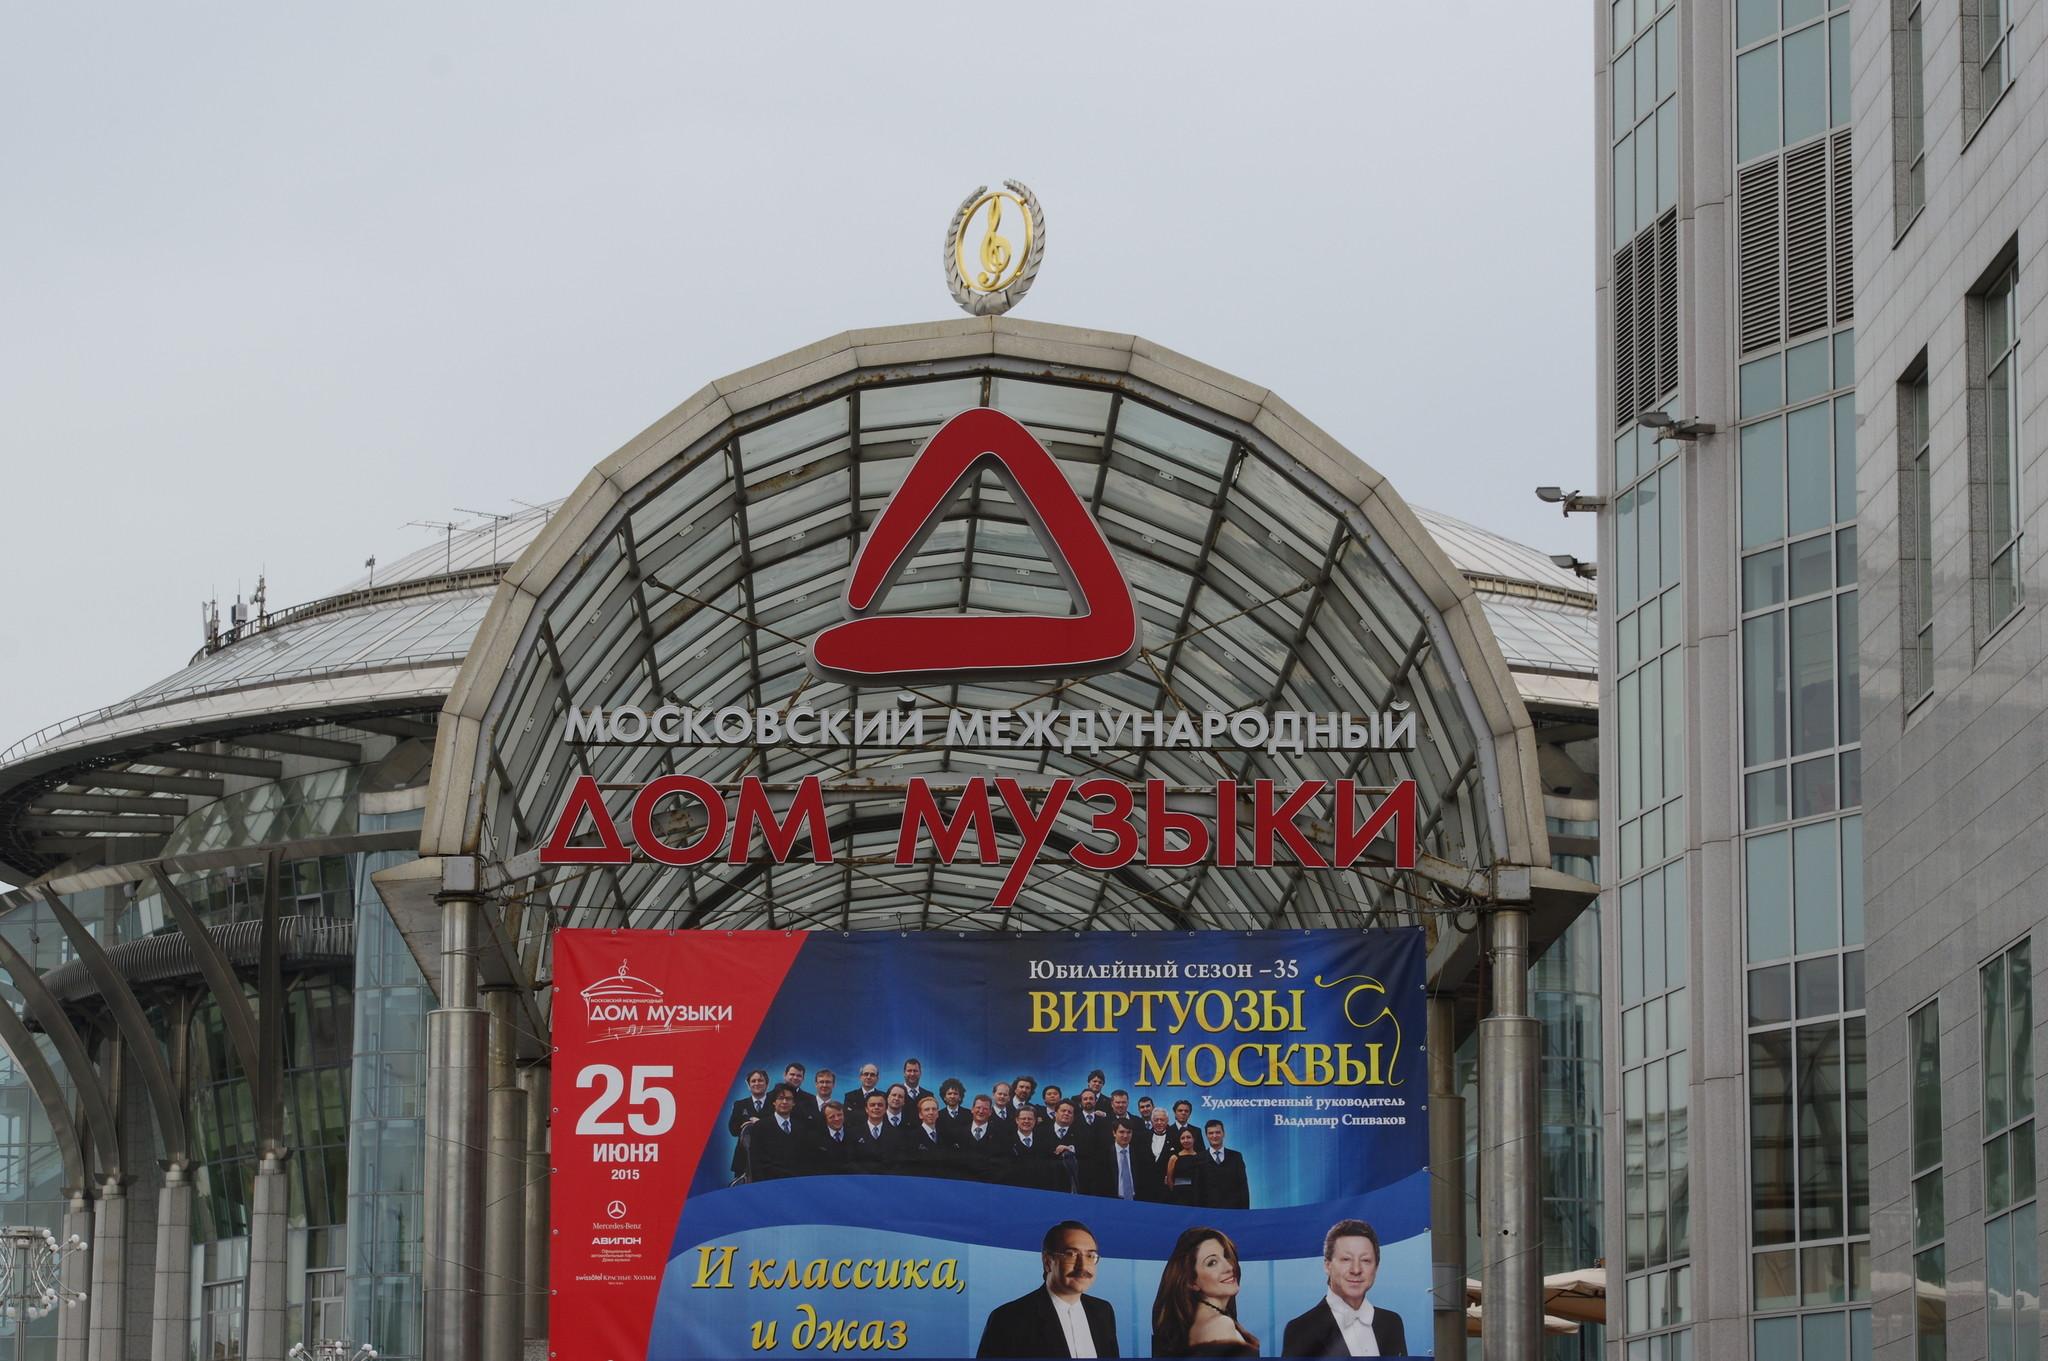 Московский международный Дом музыки (Космодамианская набережная, дом 52, строение 8)